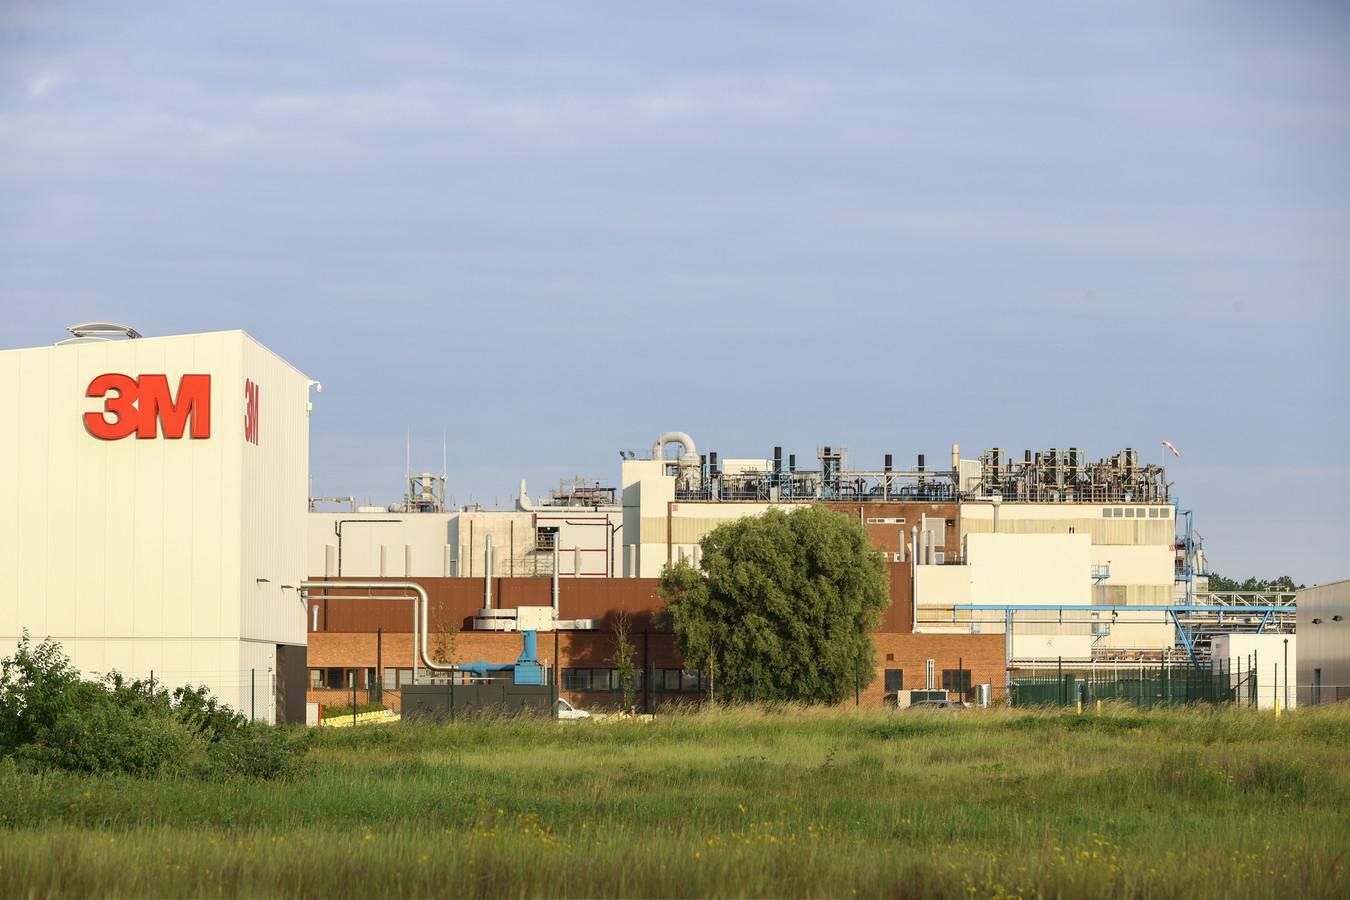 De 3M-fabriek.